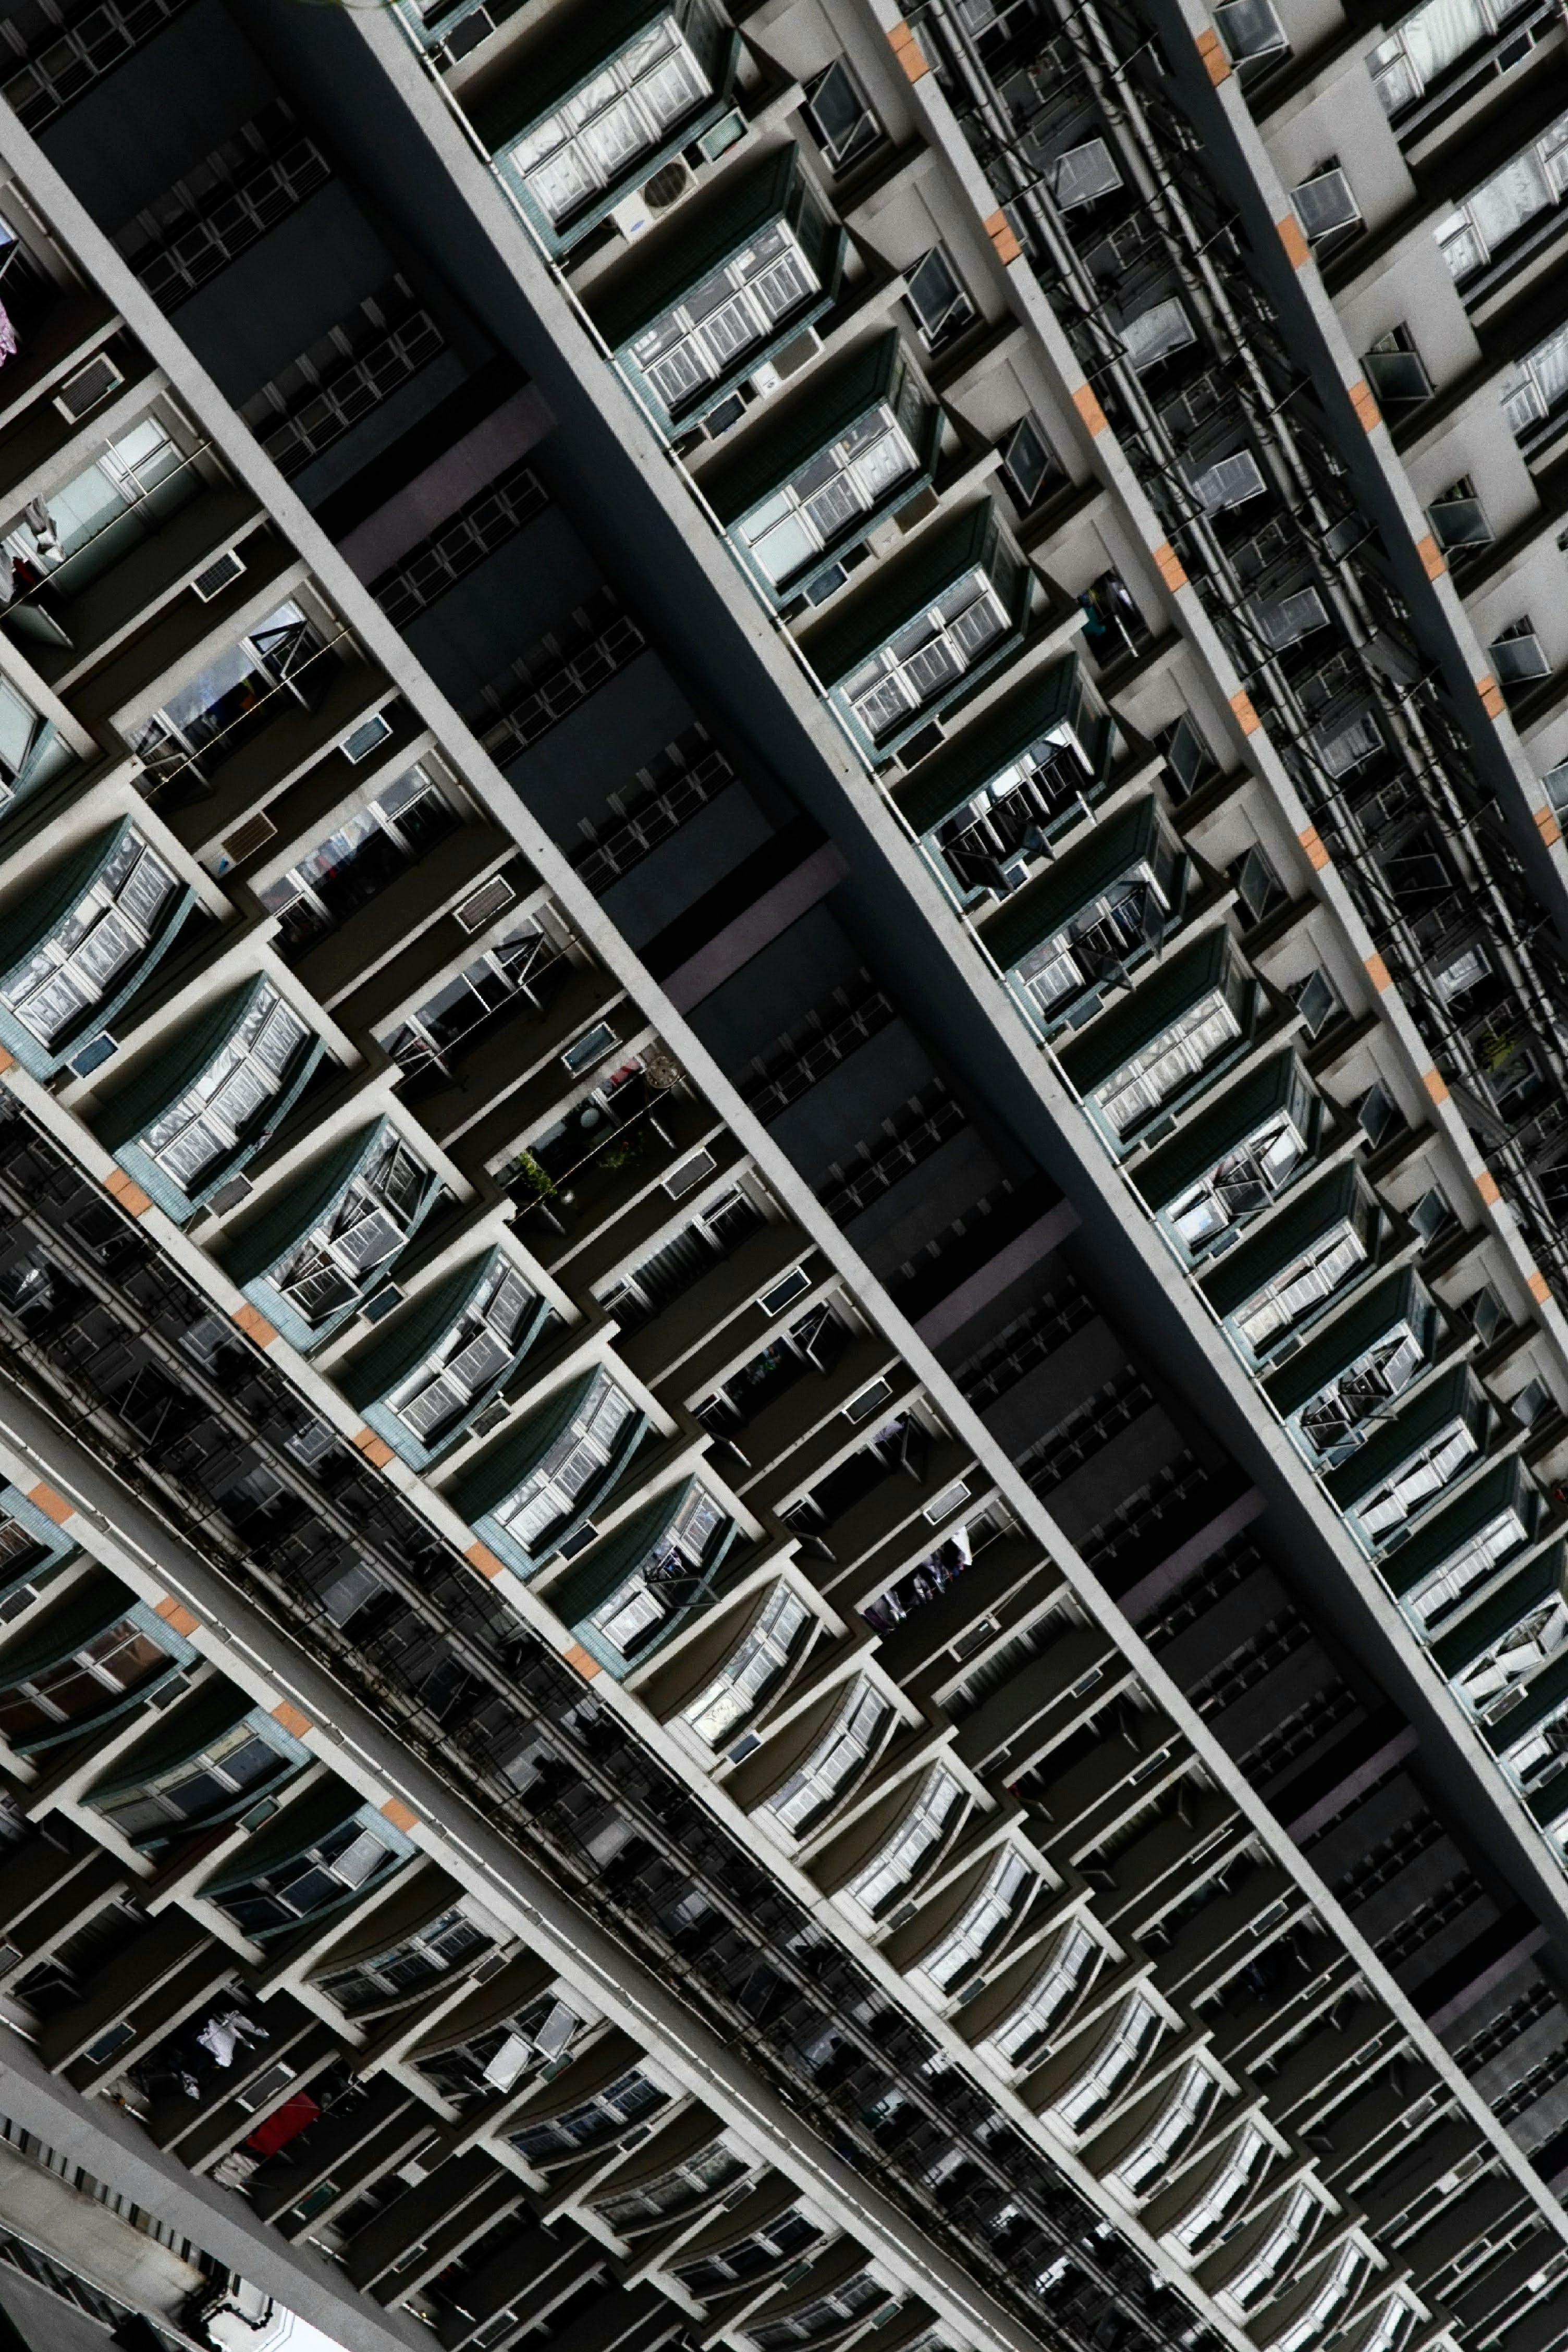 Kostenloses Stock Foto zu ausrüstung, drinnen, elektrik, platte